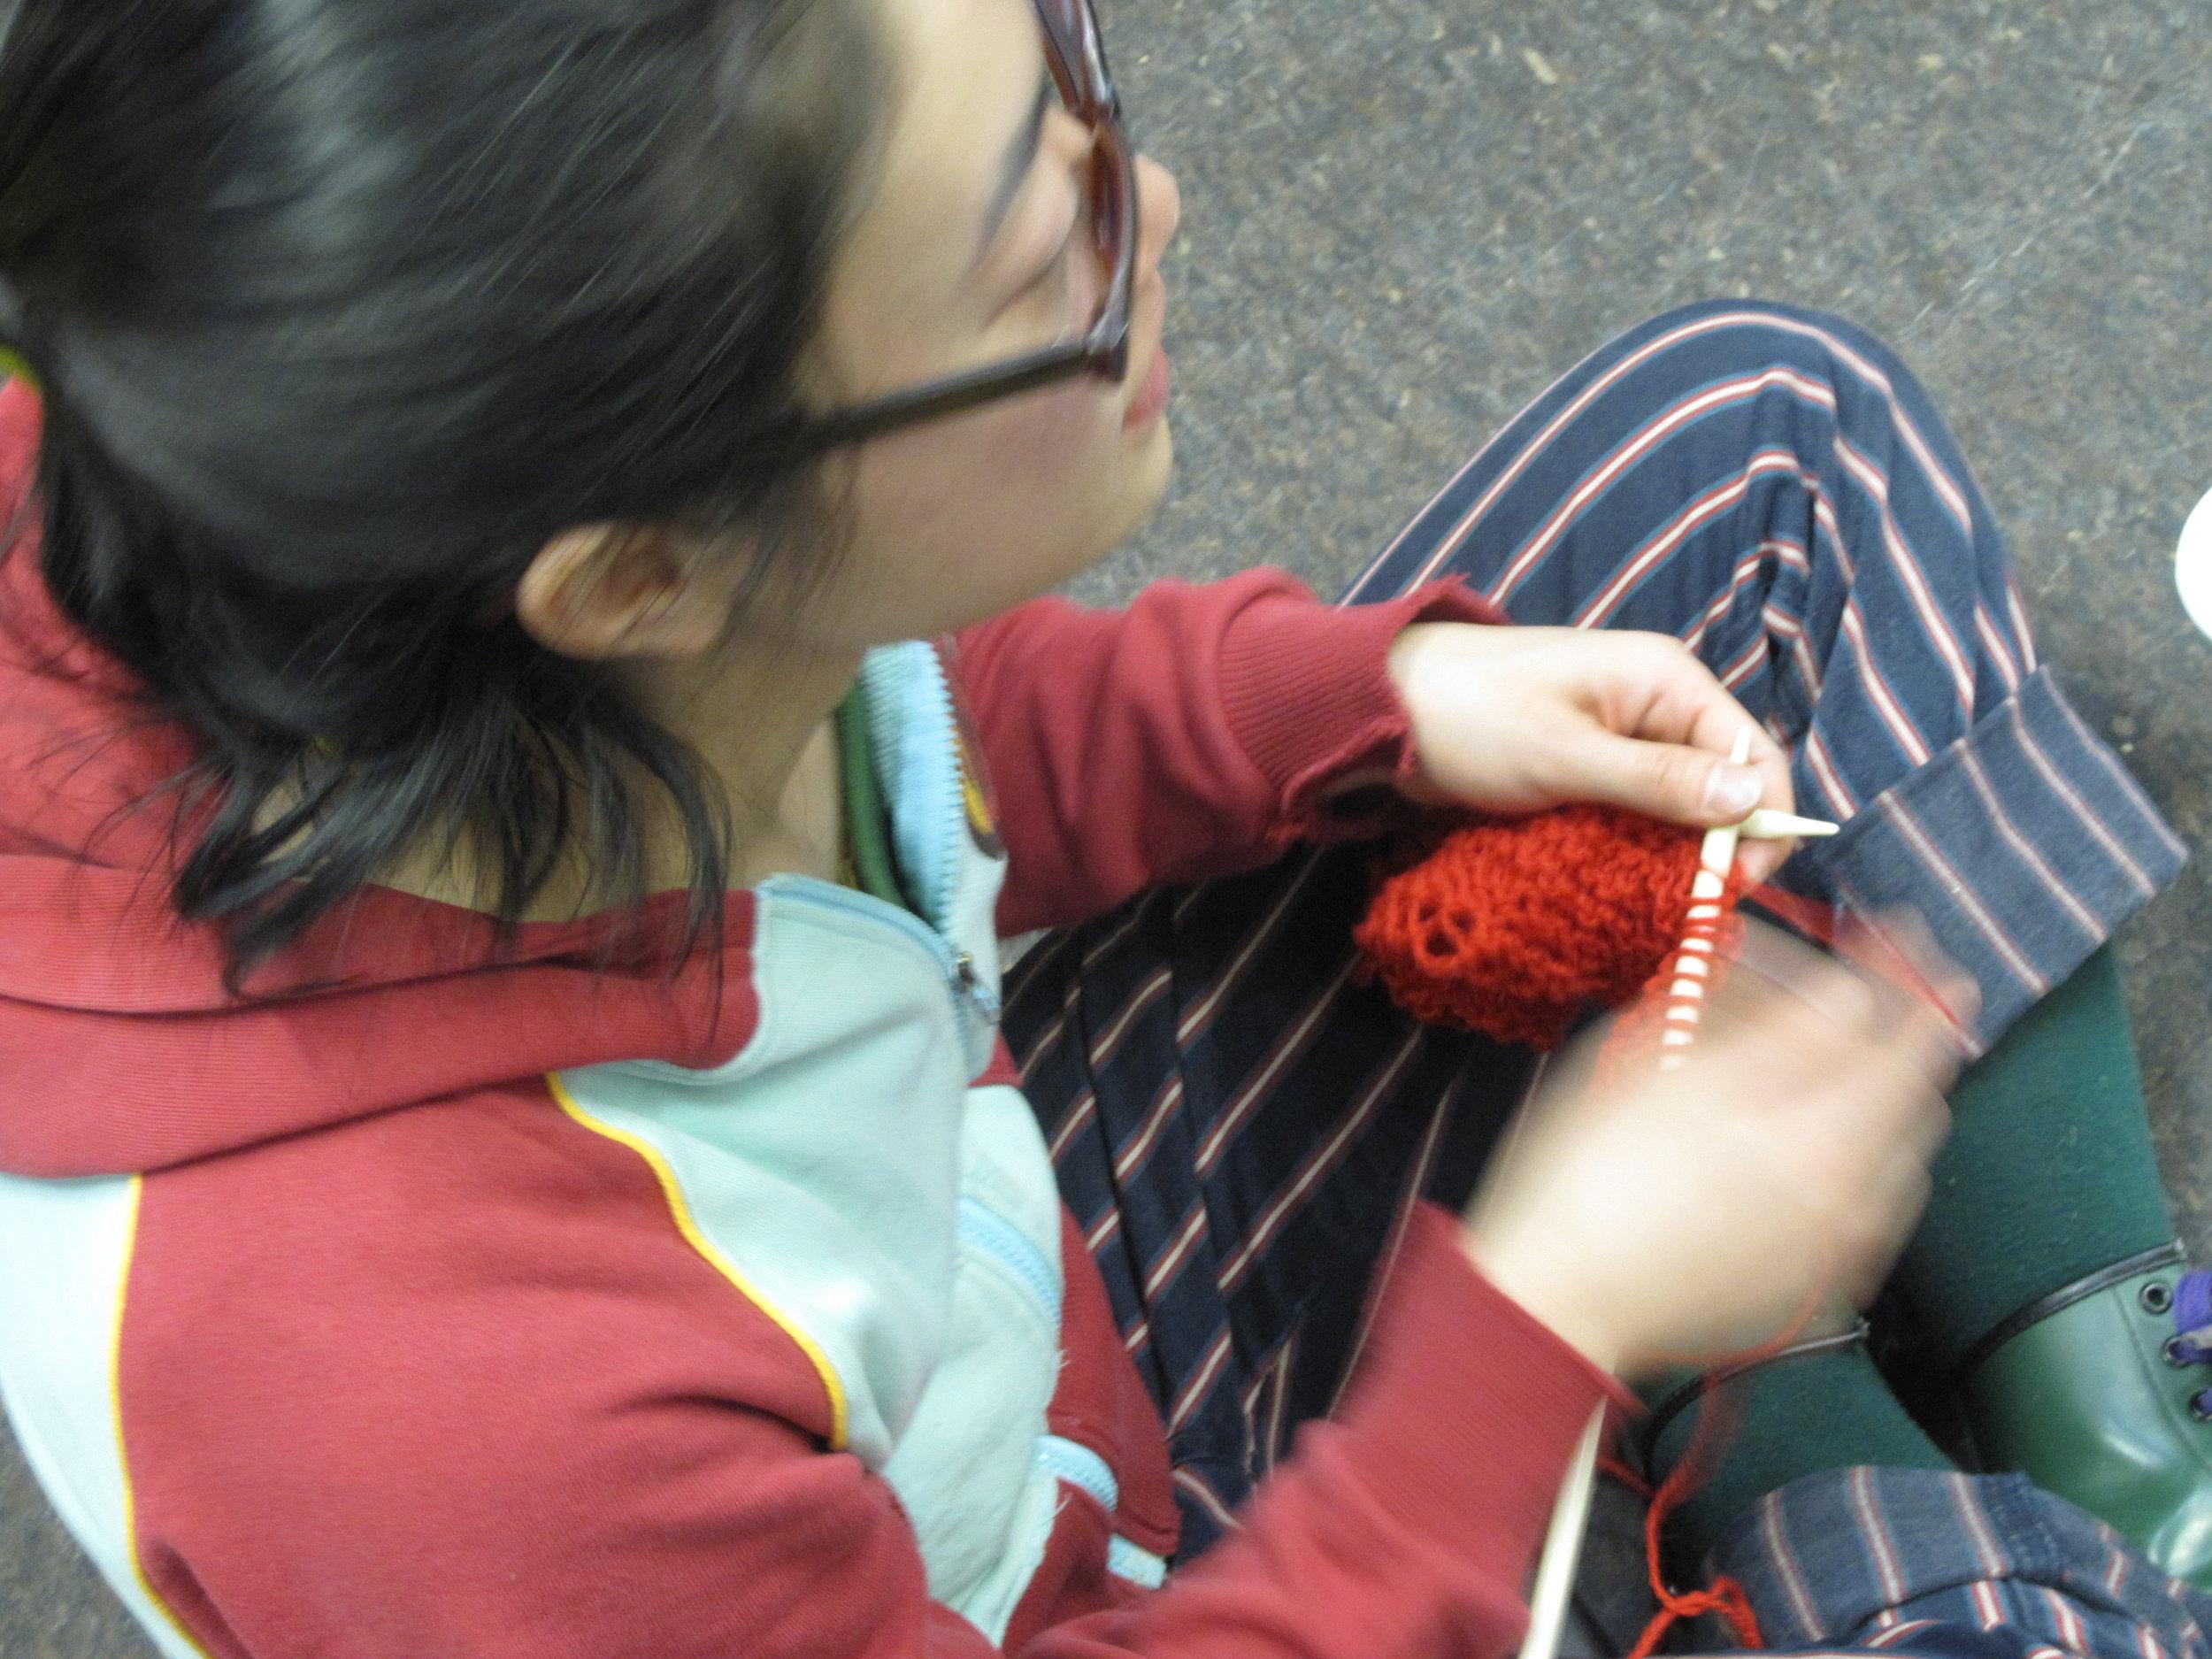 knittingmarathon10_4314448725_o.jpg